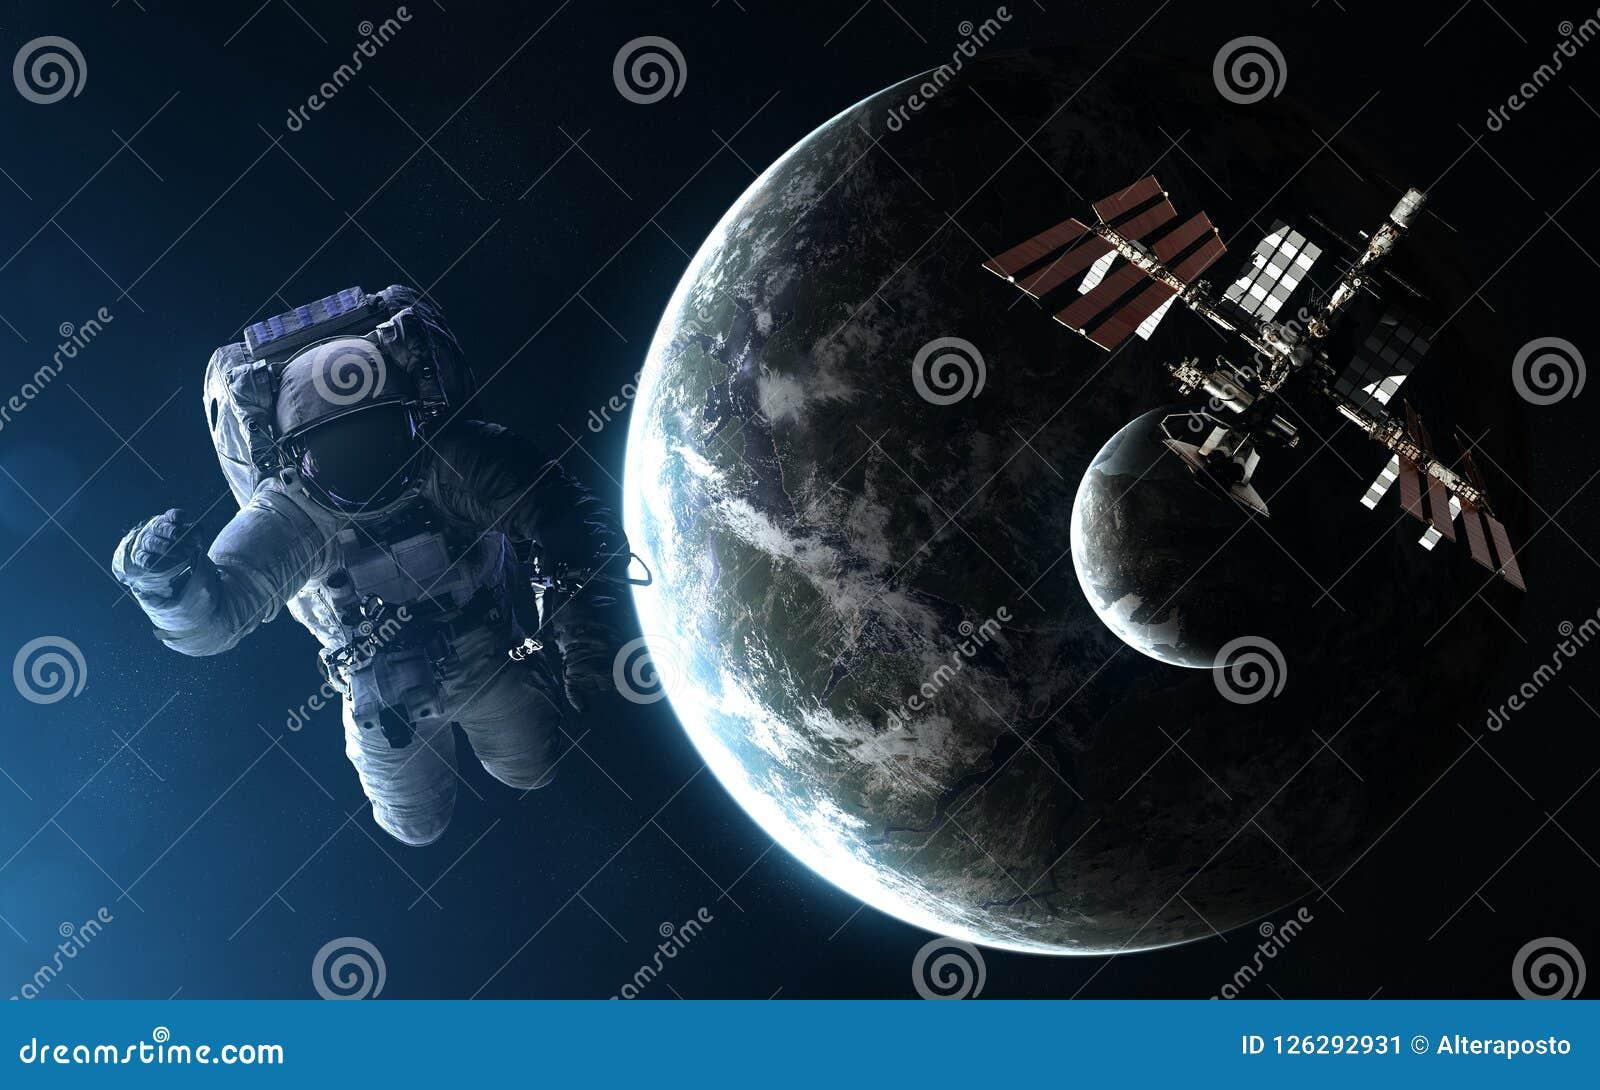 Астронавт, космическая станция, exoplanet с луной в свете голубой звезды Элементы изображения поставлены NASA